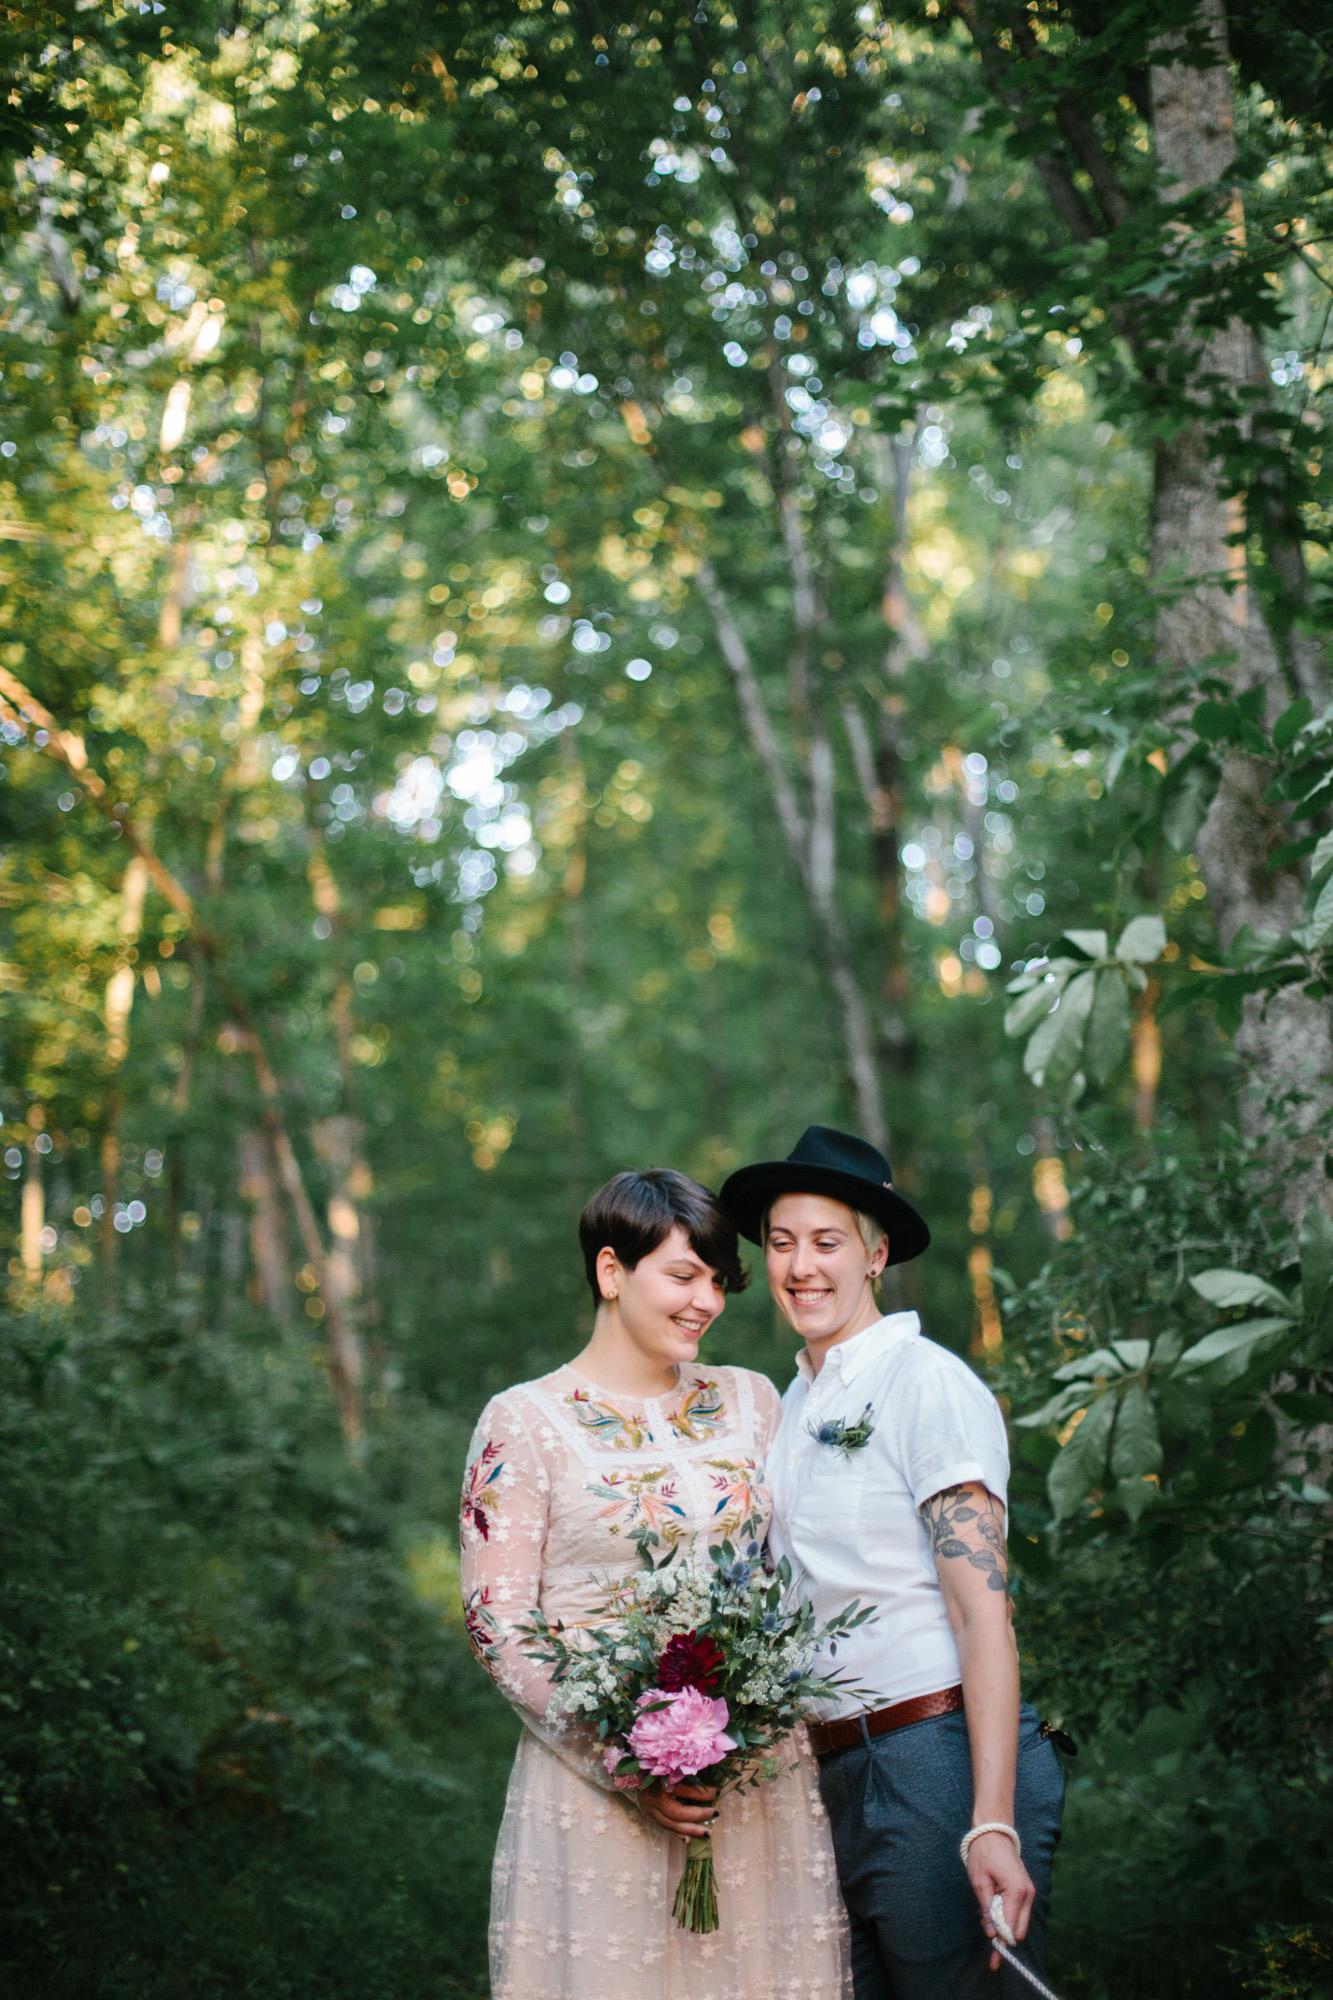 SarahMattozziPhotography-Elopement-CharlottesvilleVA-12.jpg